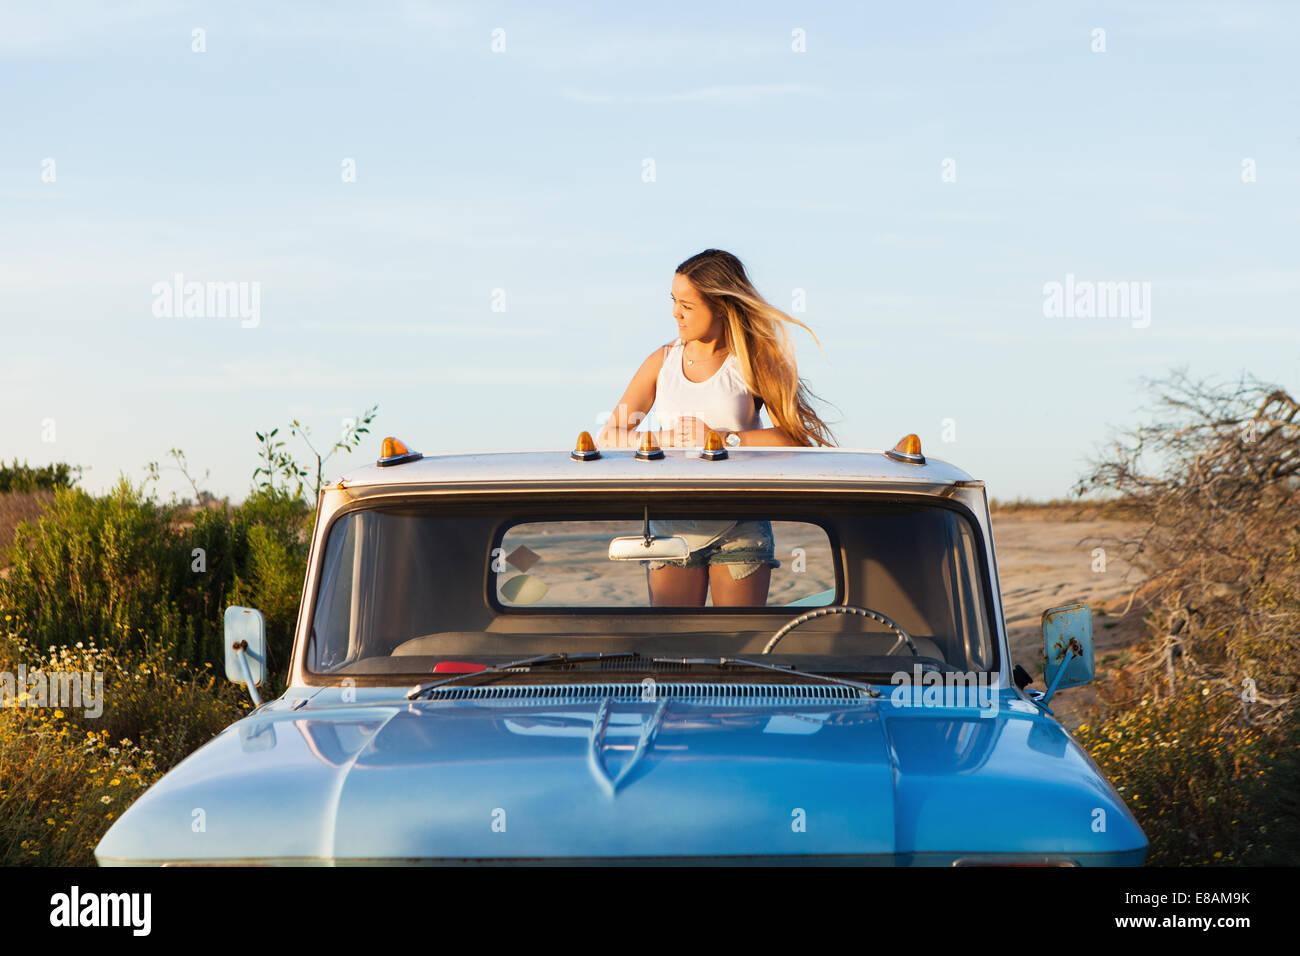 Giovane donna guarda dalla parte posteriore del carrello di prelievo Immagini Stock